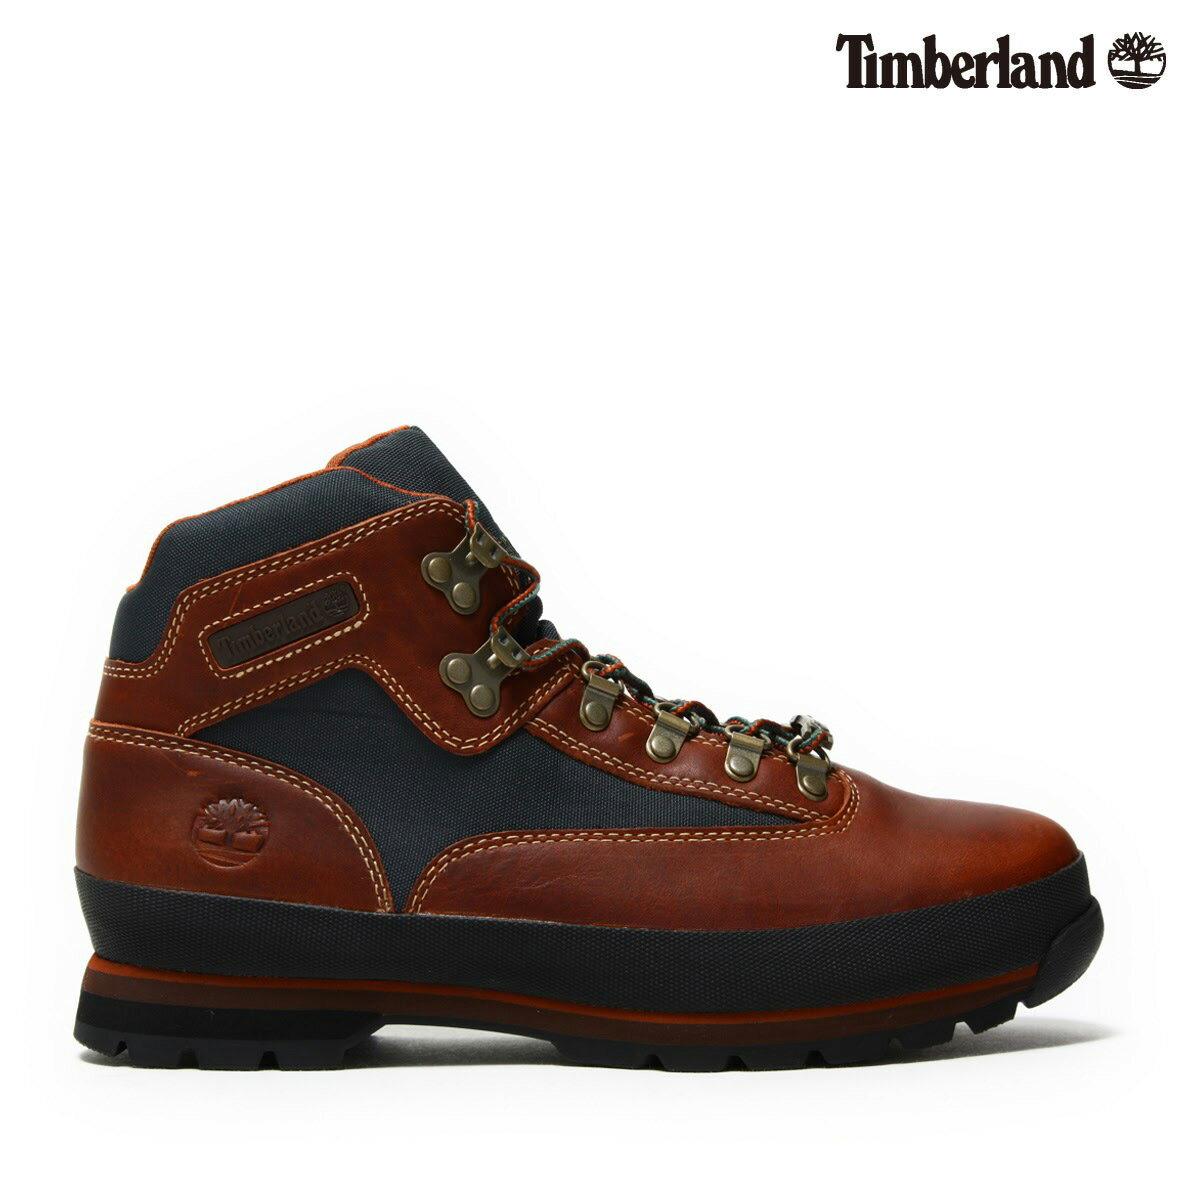 ブーツ, その他 Timberland Euro Hiker GTX(Sundance TBL Forty wDark Green Gables Canvas)( )GORE-TEX17FA-I